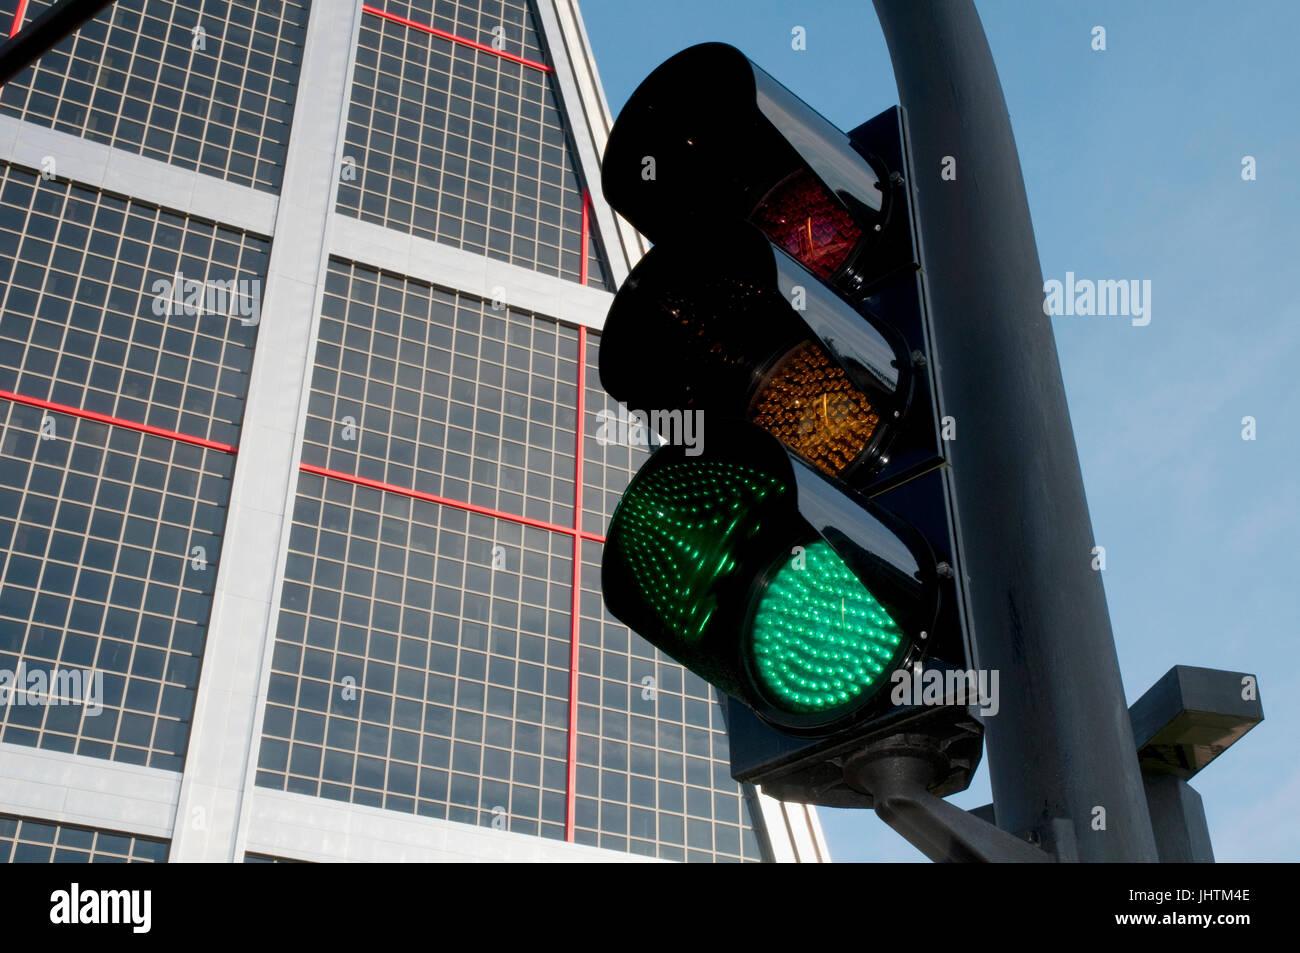 Detail of green traffic light. Plaza de Castilla. Madrid, Spain. Stock Photo